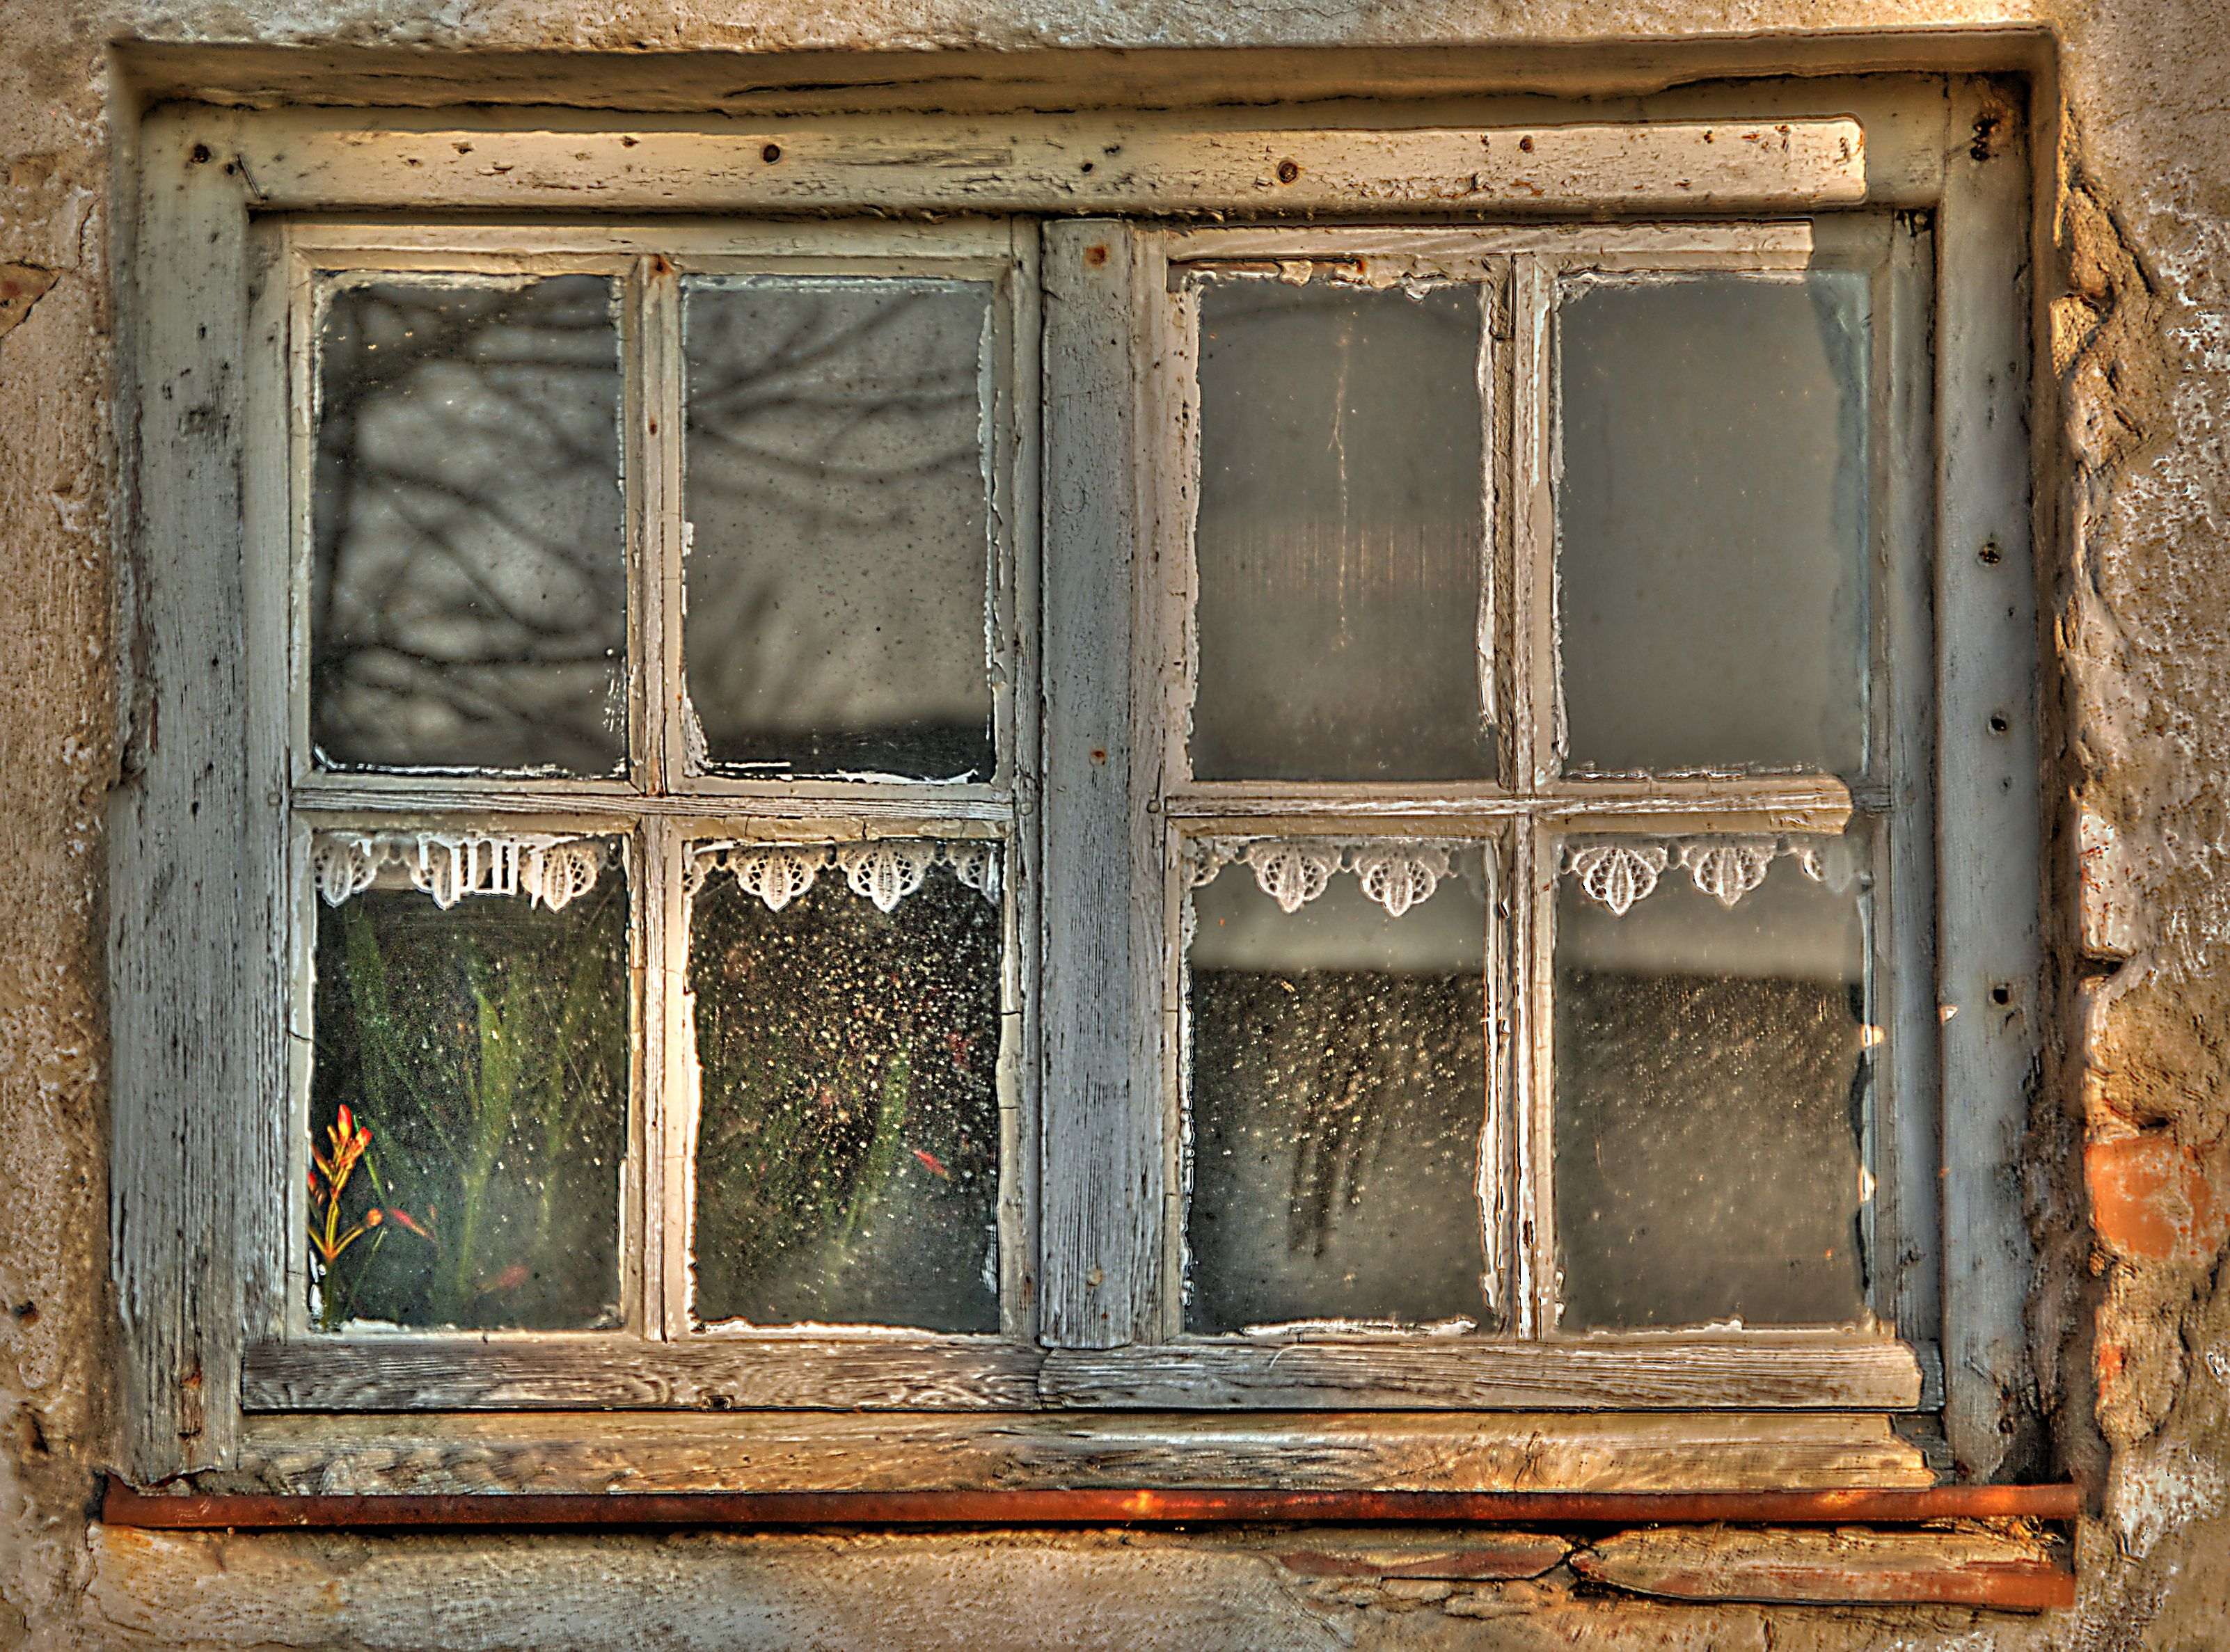 alte fenster | Altes Fenster | Fenster | Pinterest ...